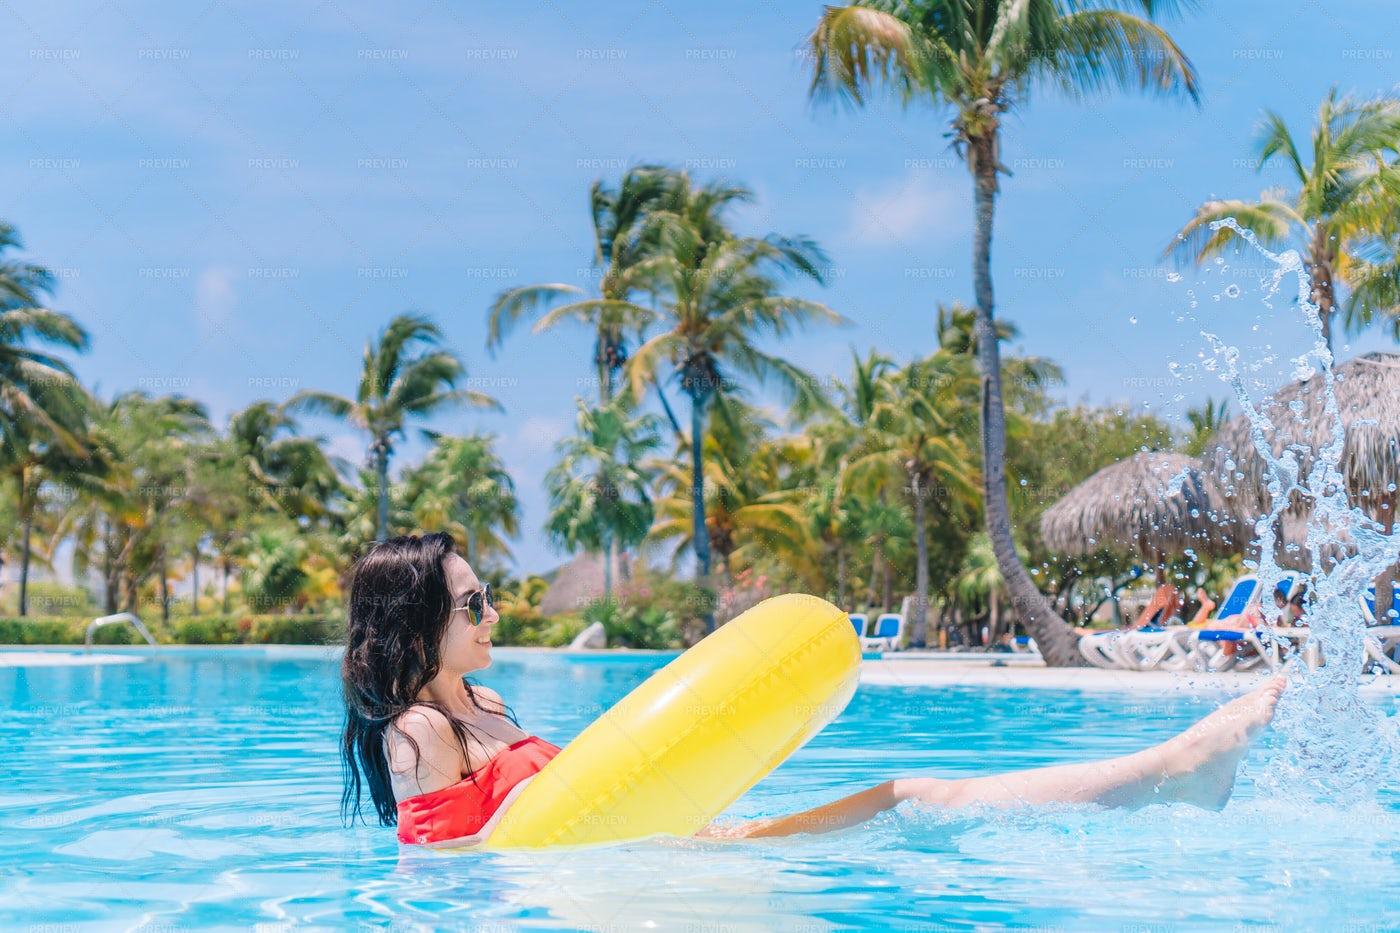 Splashing In Resort Pool: Stock Photos